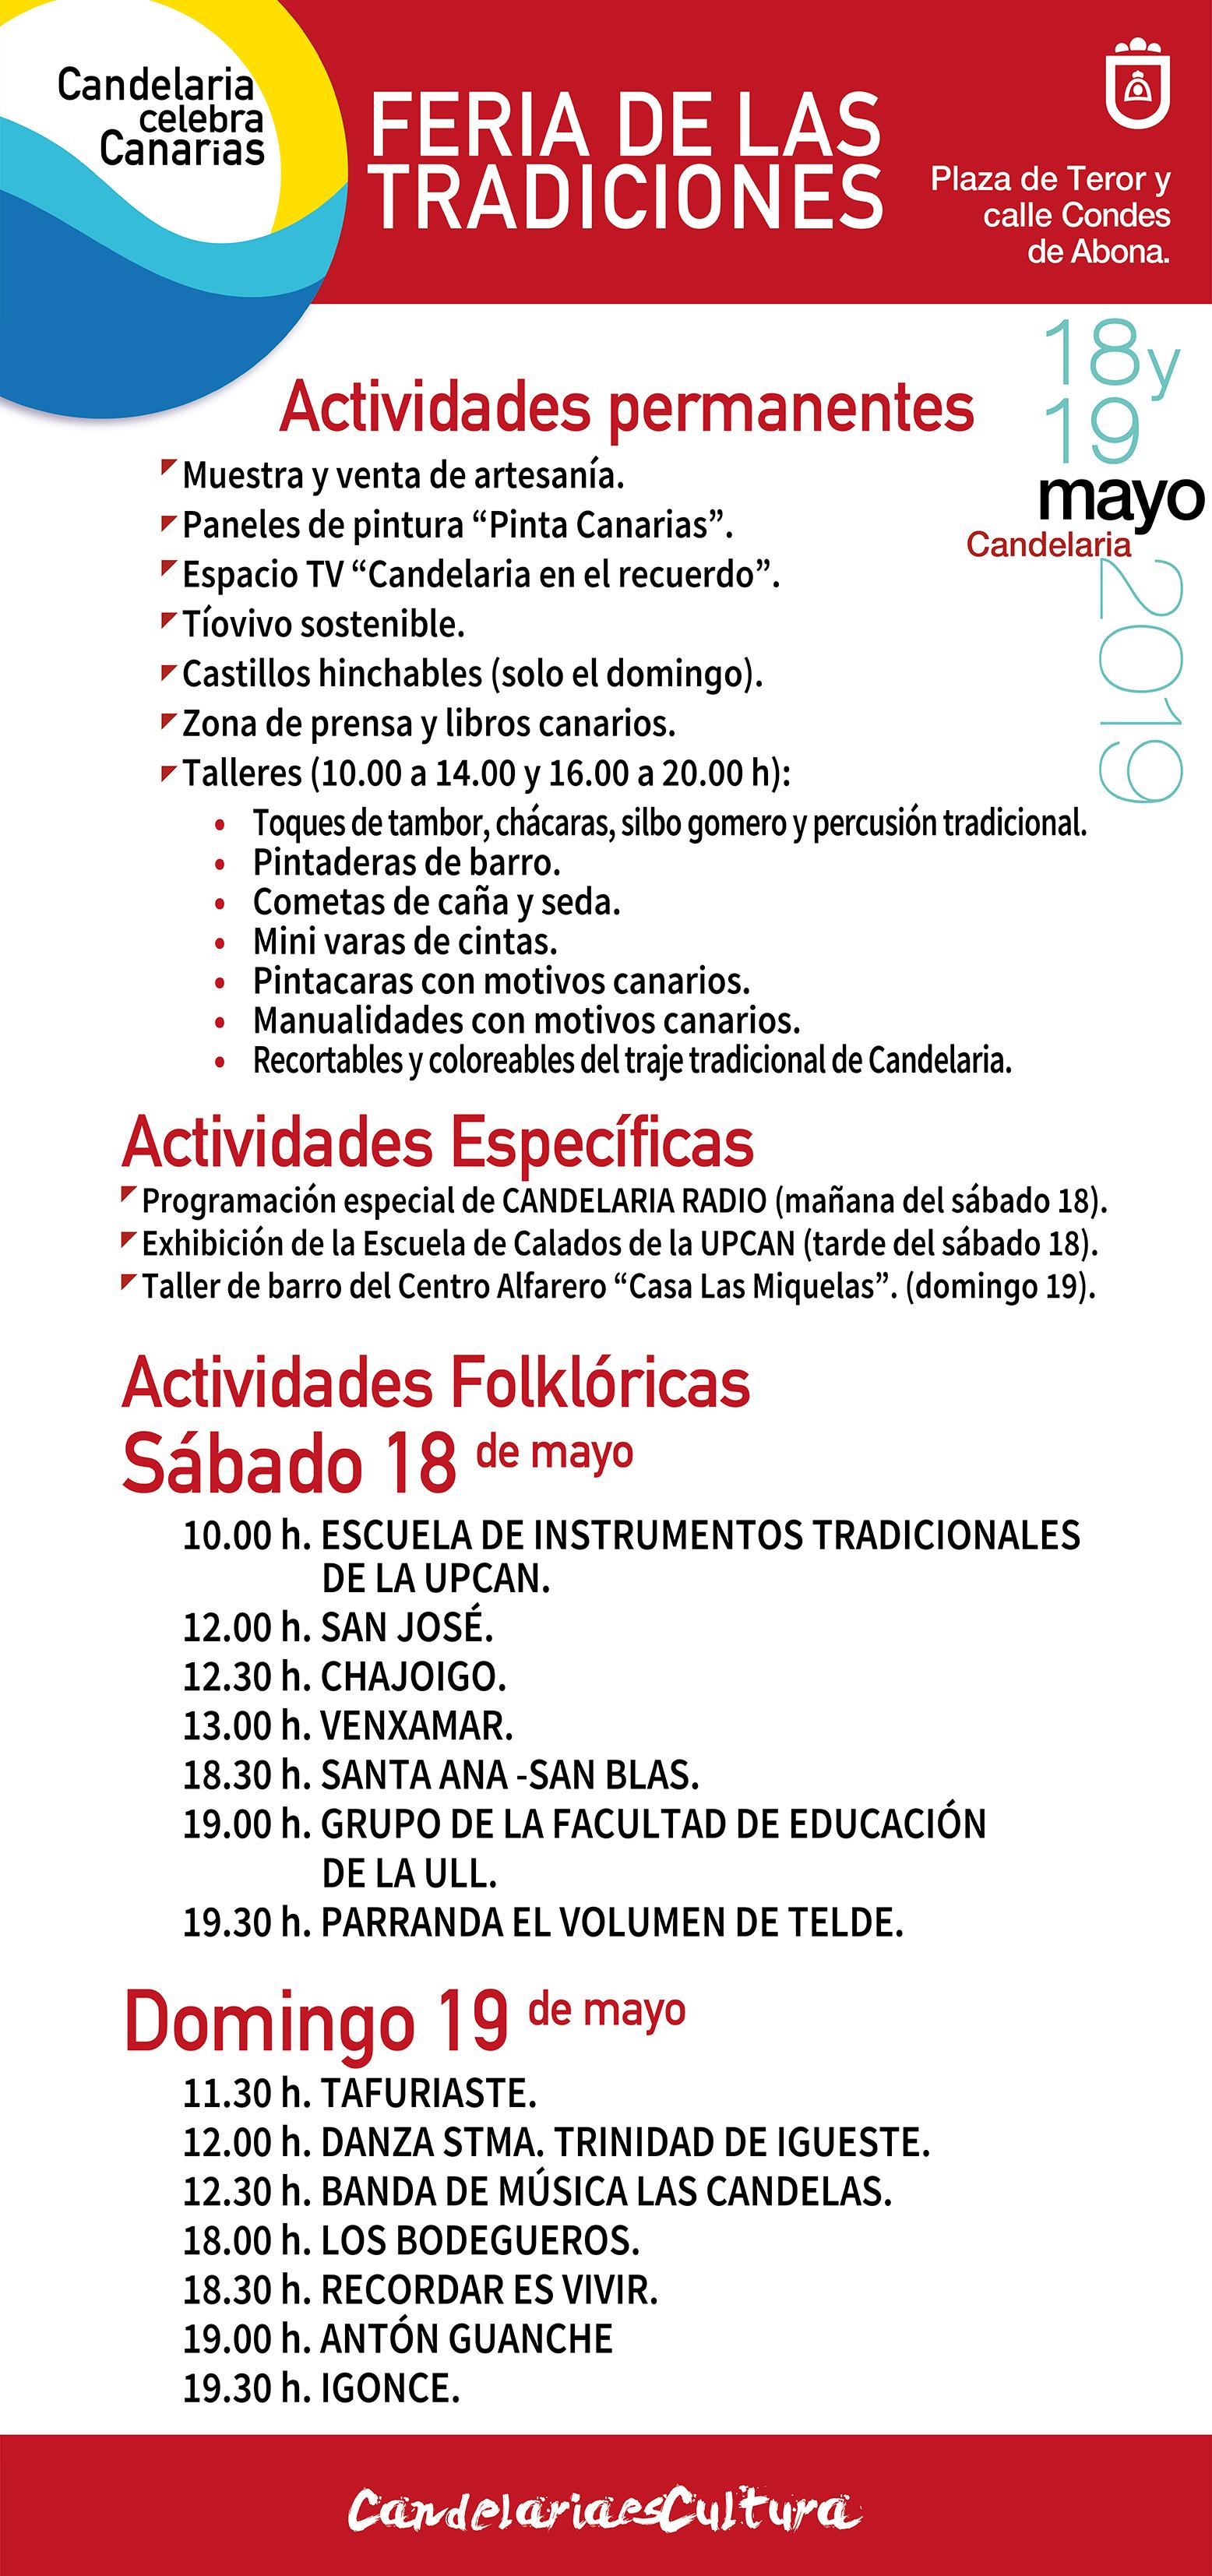 Feria de las Tradiciones Candelaria 2019